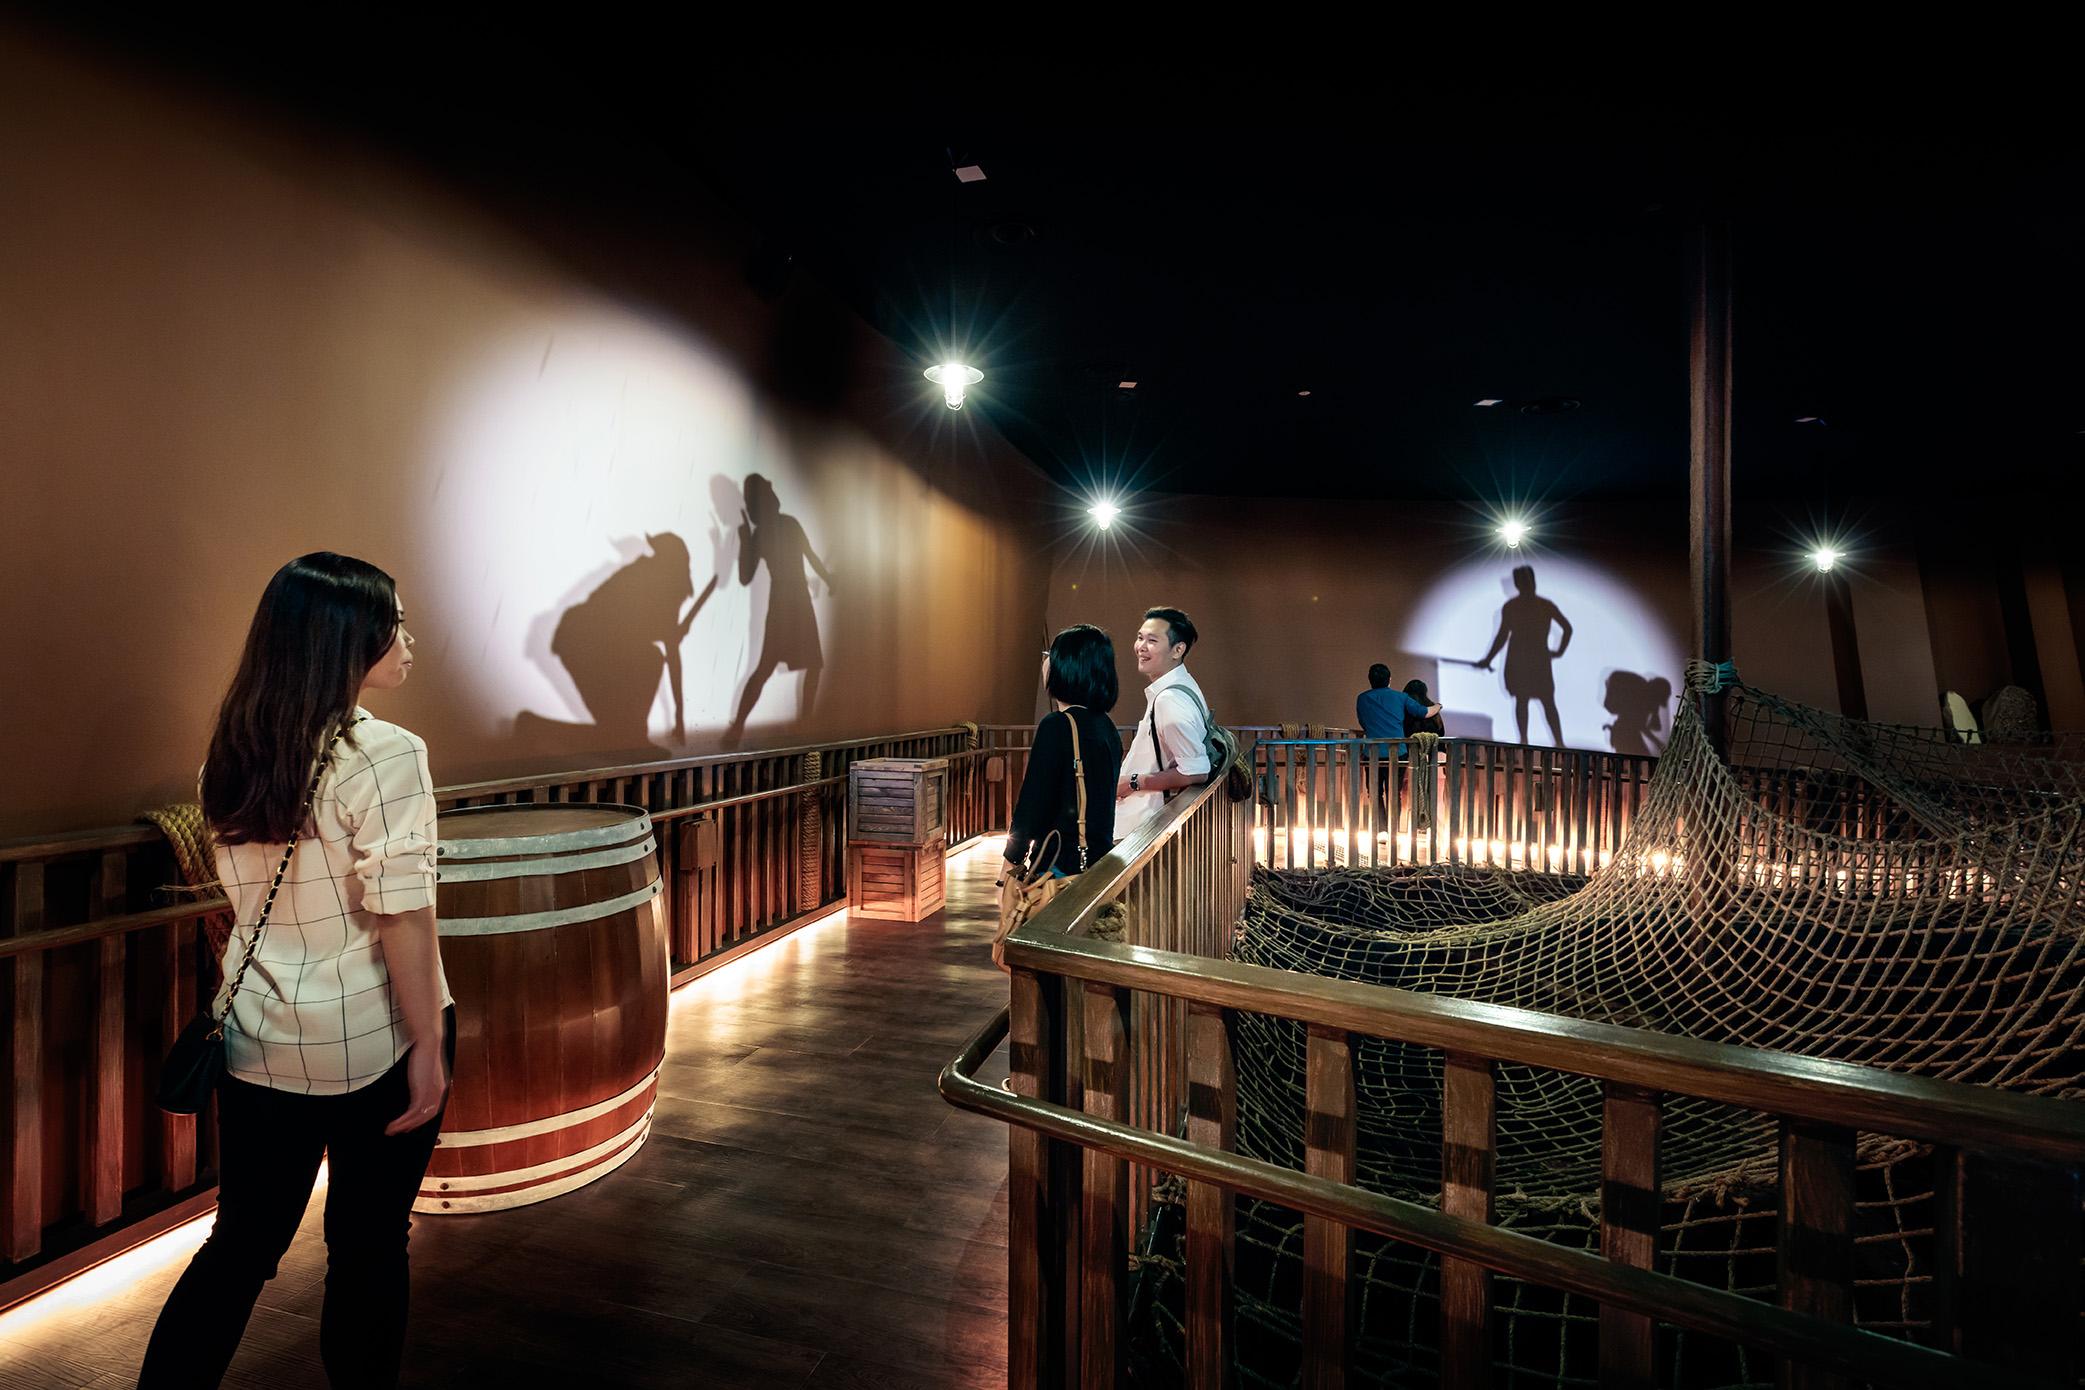 新加坡海事博物馆新展区之逃离海盗